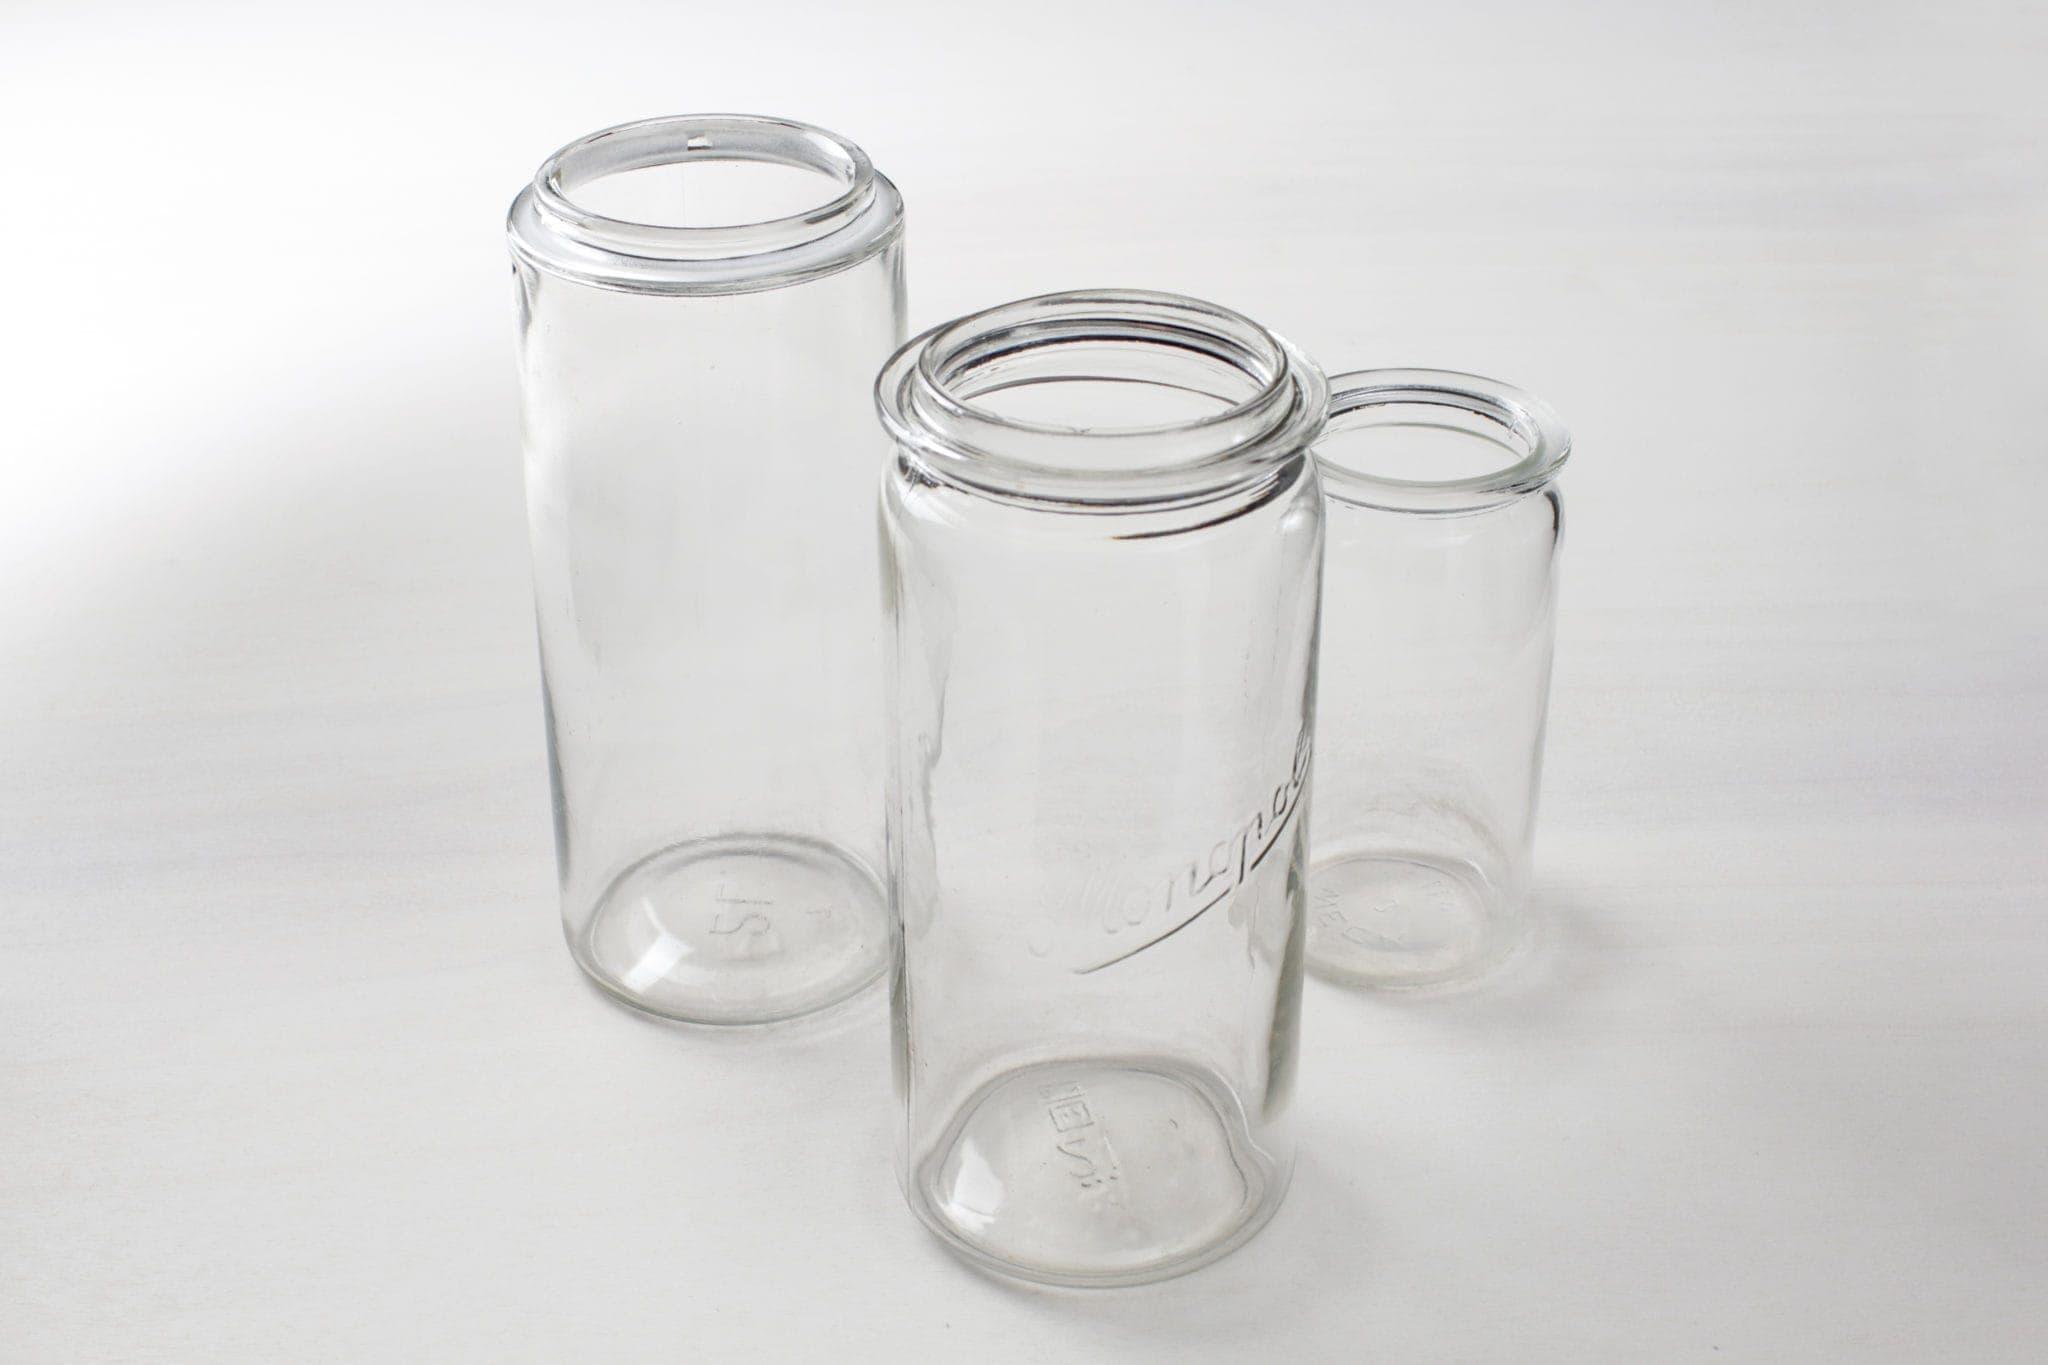 Eventdekoration und Vasen mieten